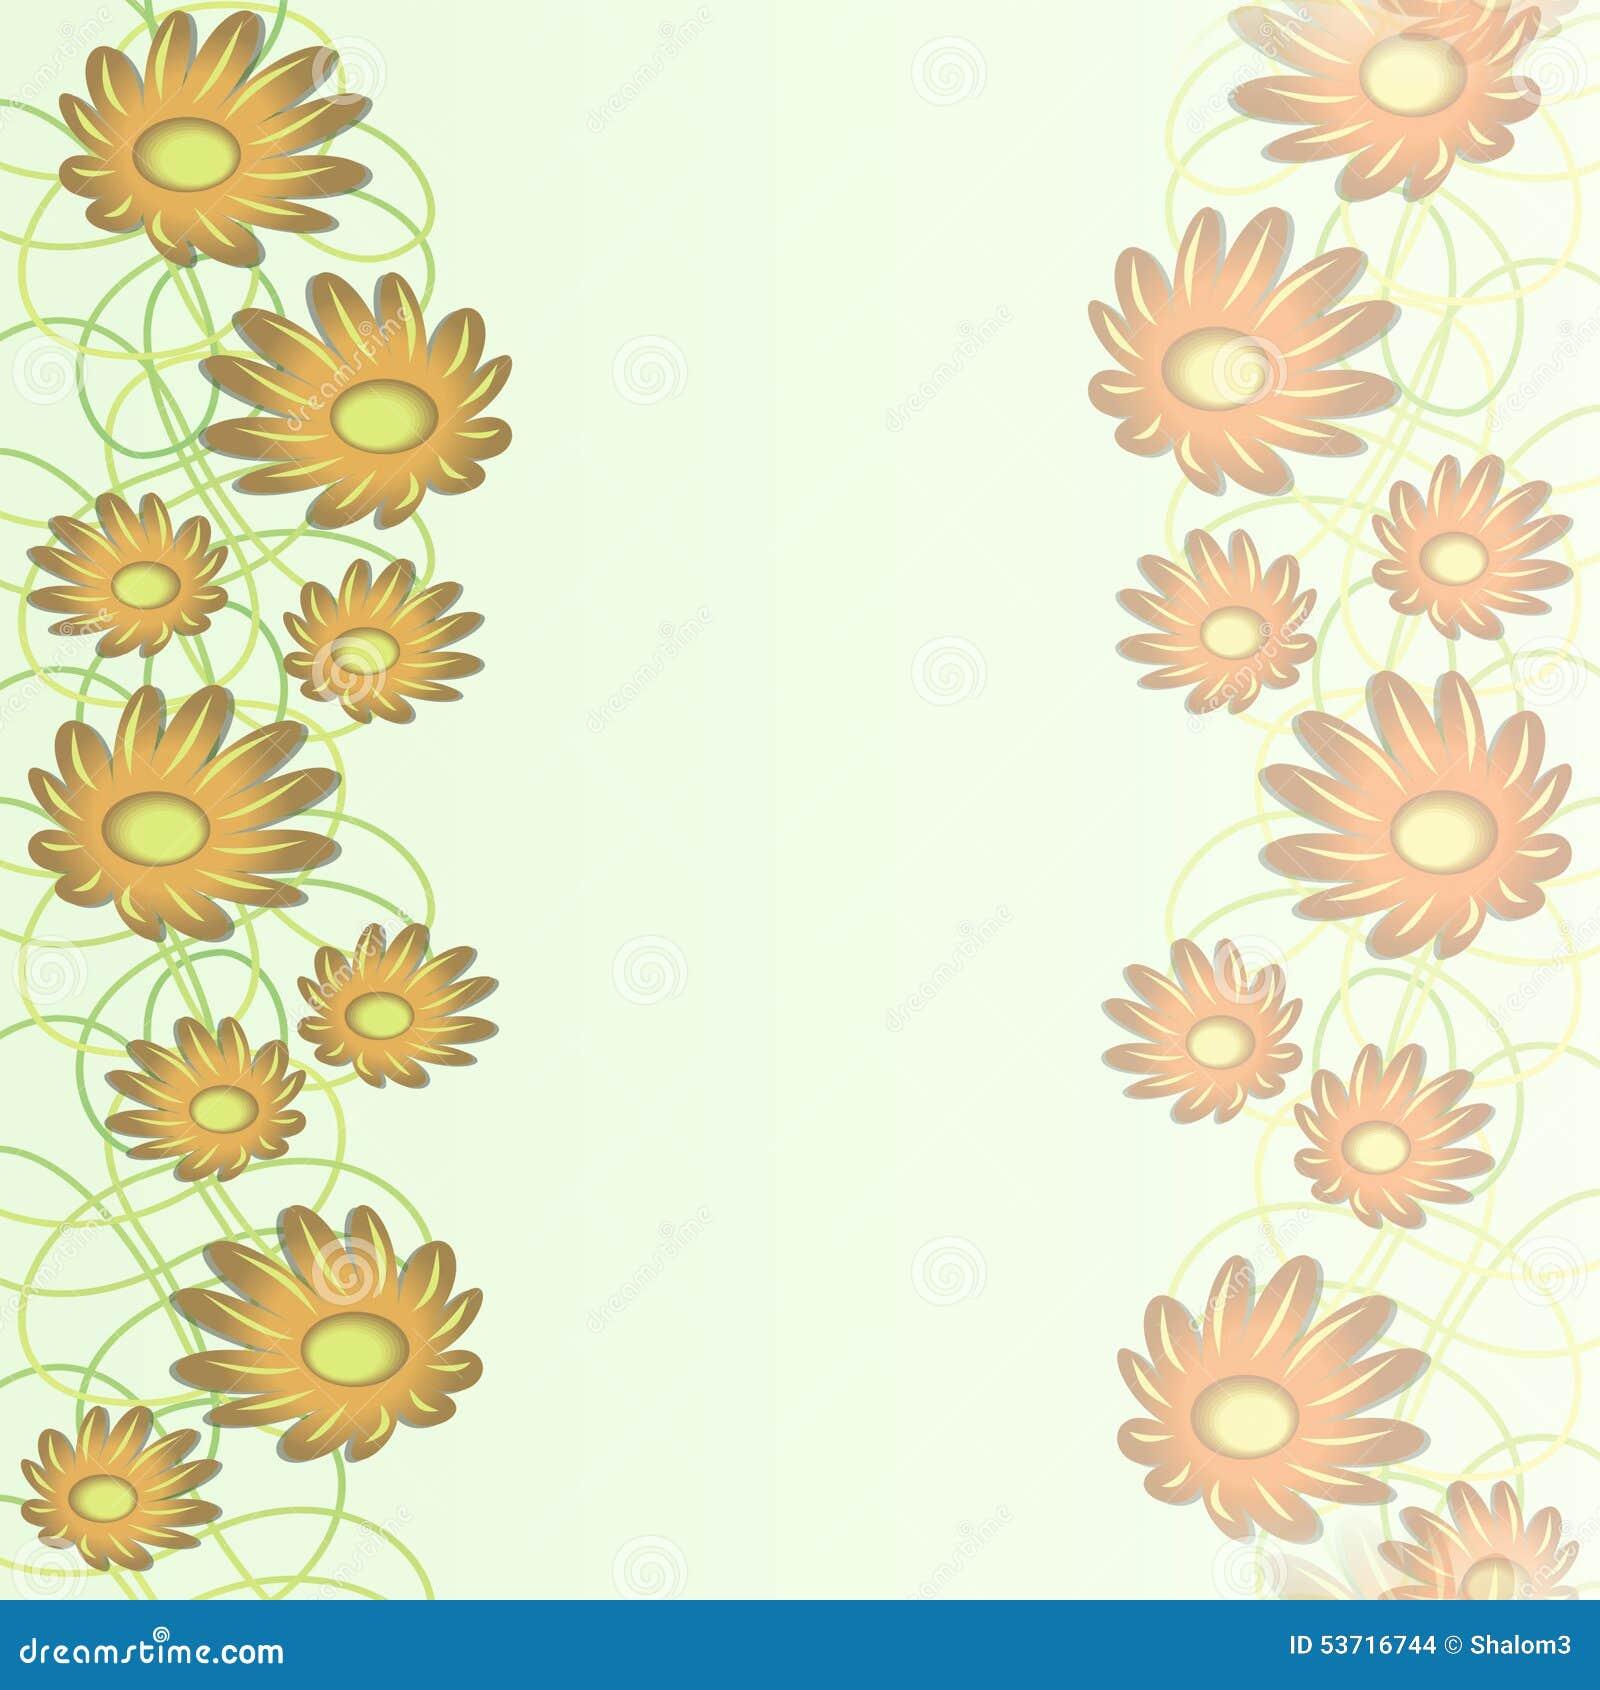 illustration soft floral - photo #19